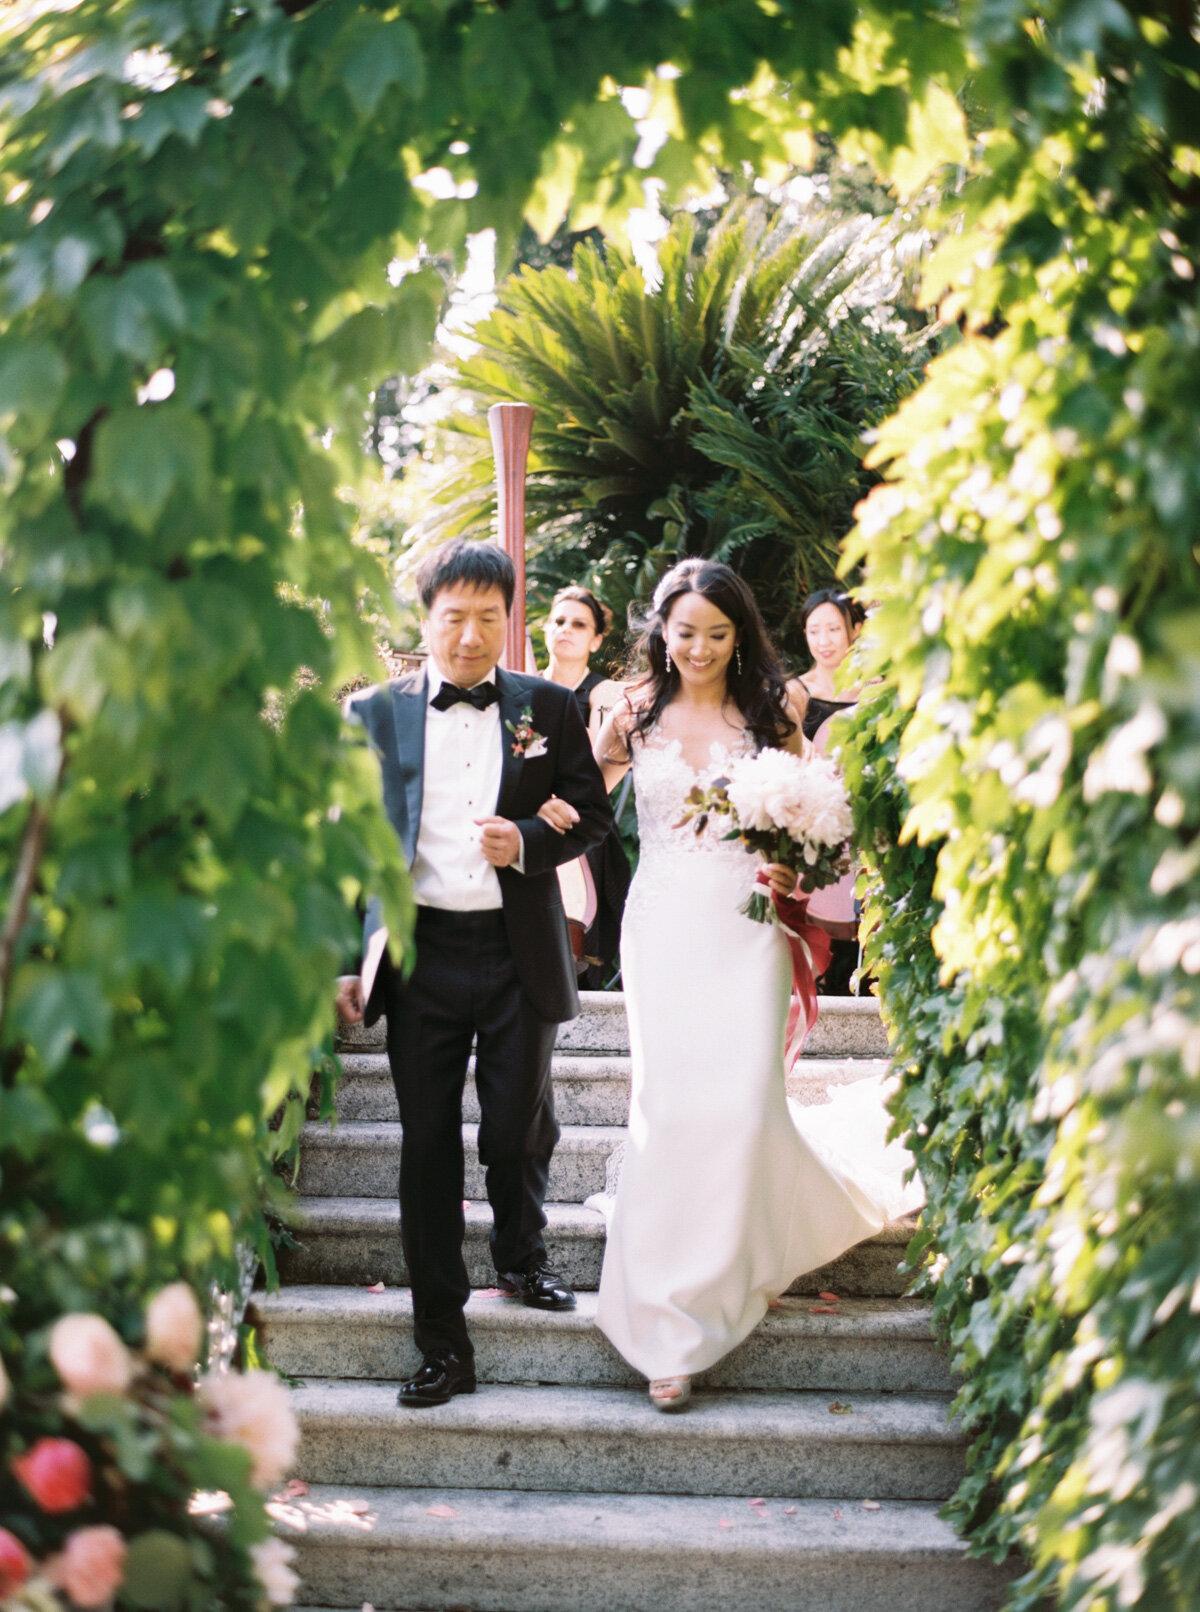 Lake-Como-Villa-Cipressi-Wedding-Katie-Grant-destination-wedding (49 of 93).jpg